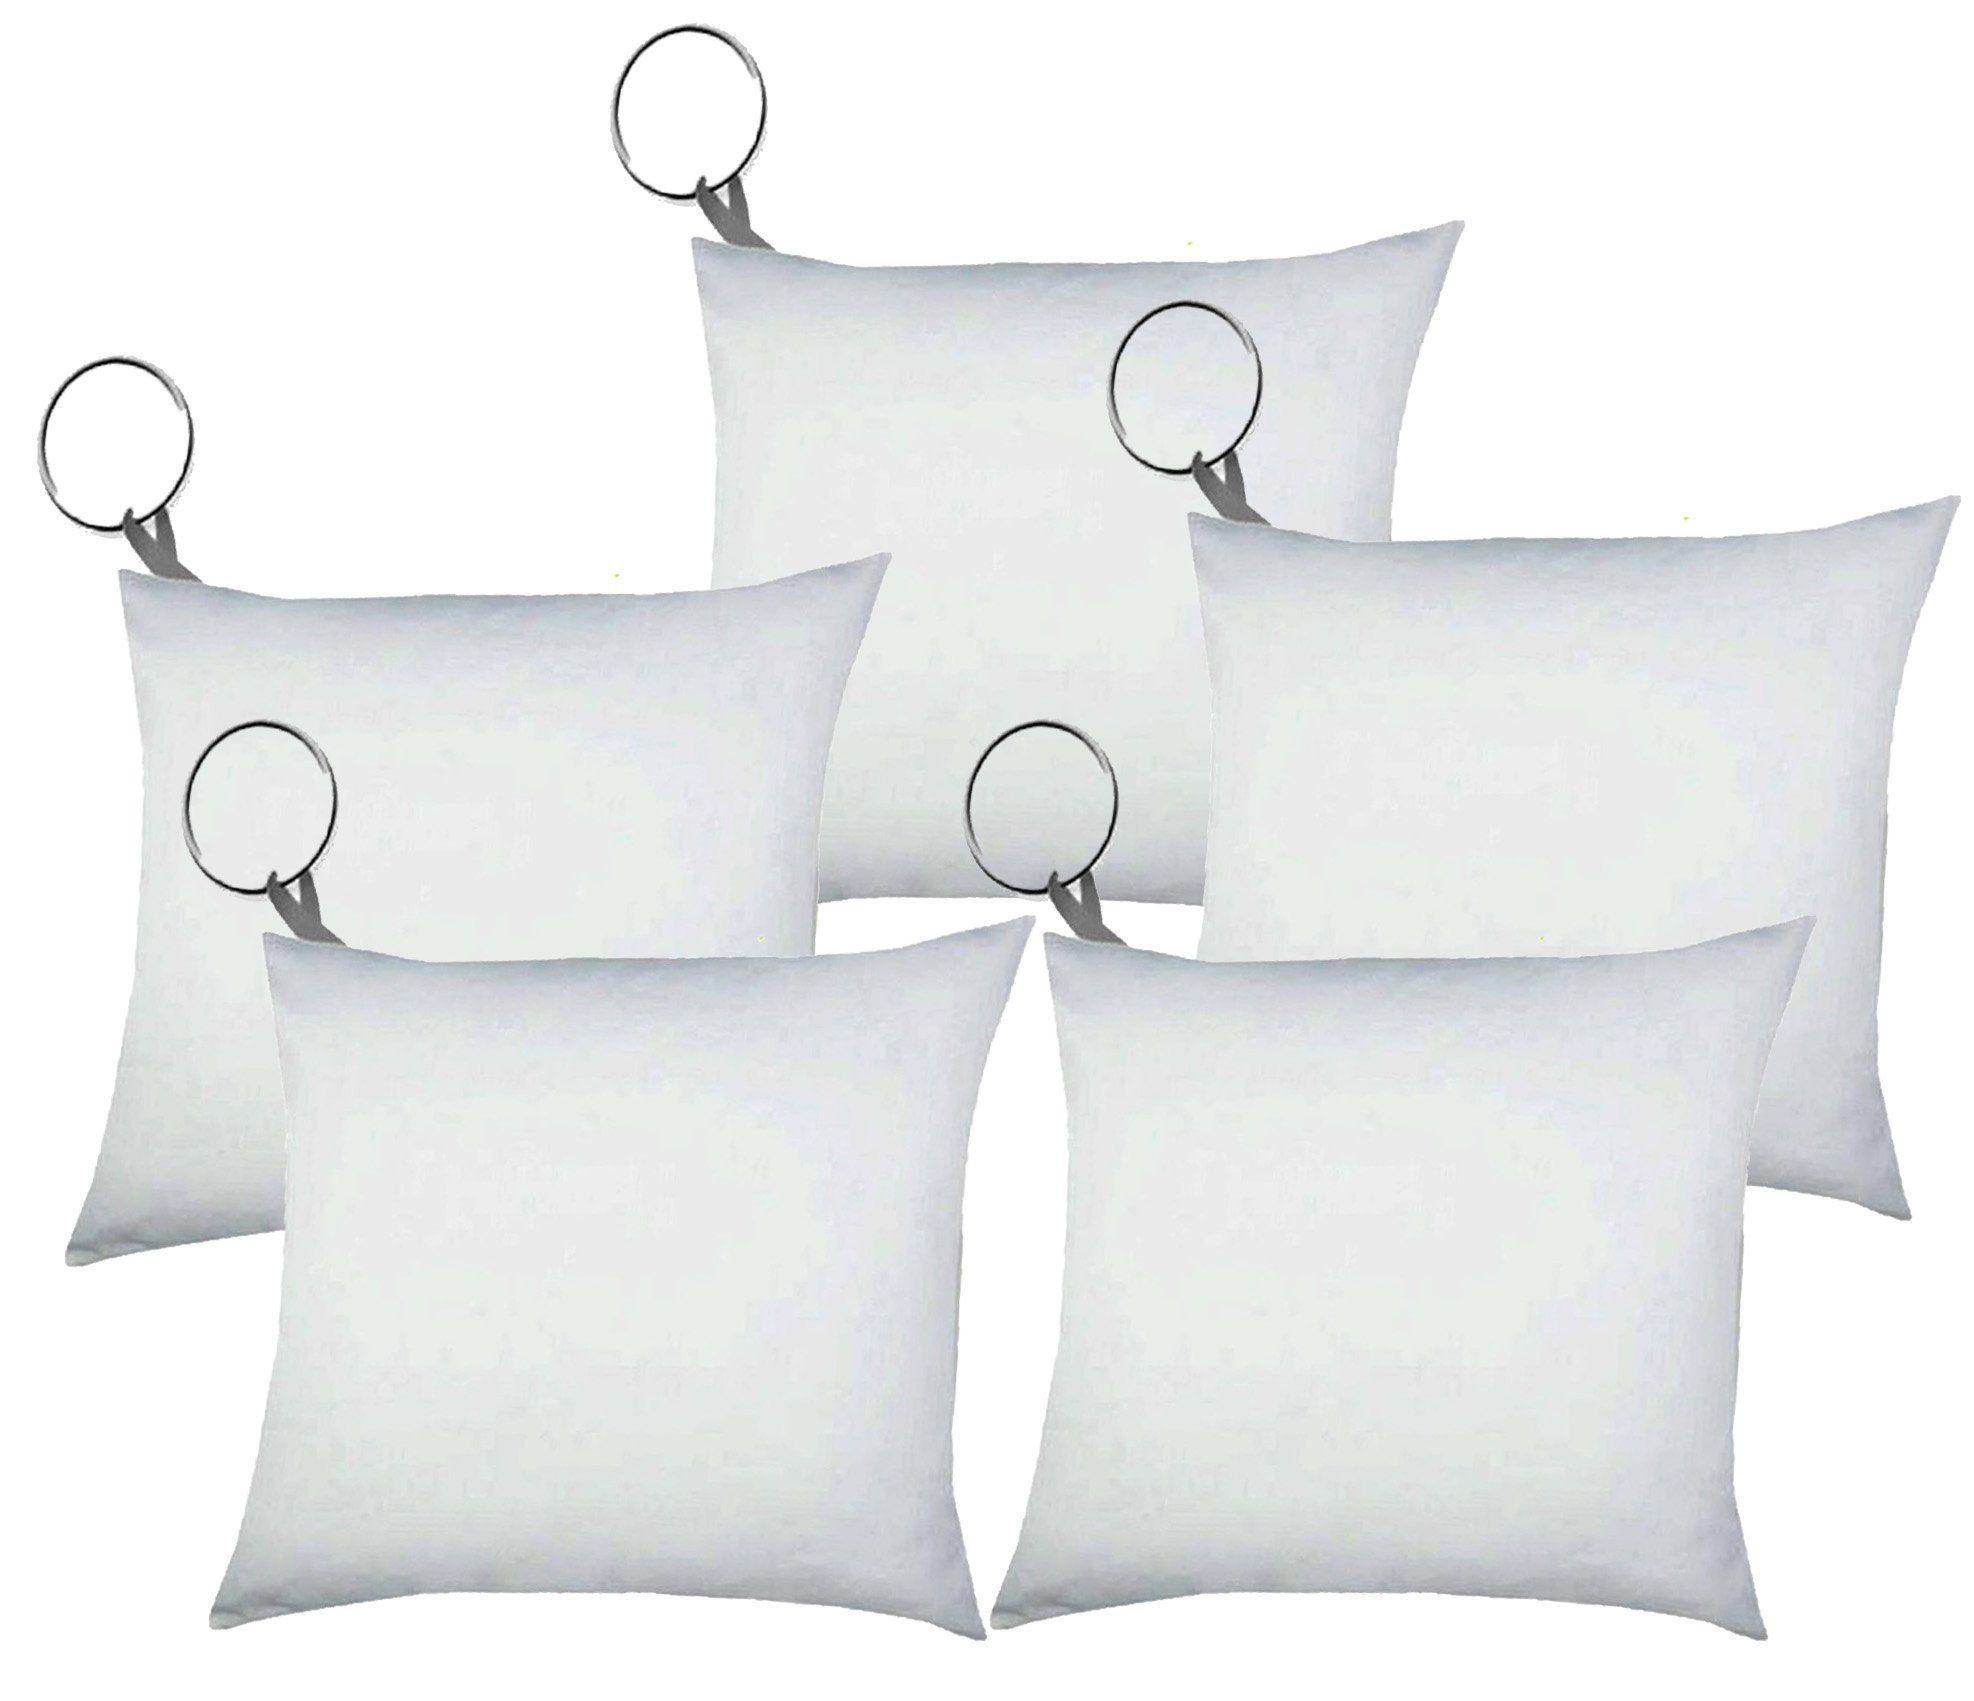 Almochaveiro Para Sublimação Branco com Argola Pacote com 30 Unidades